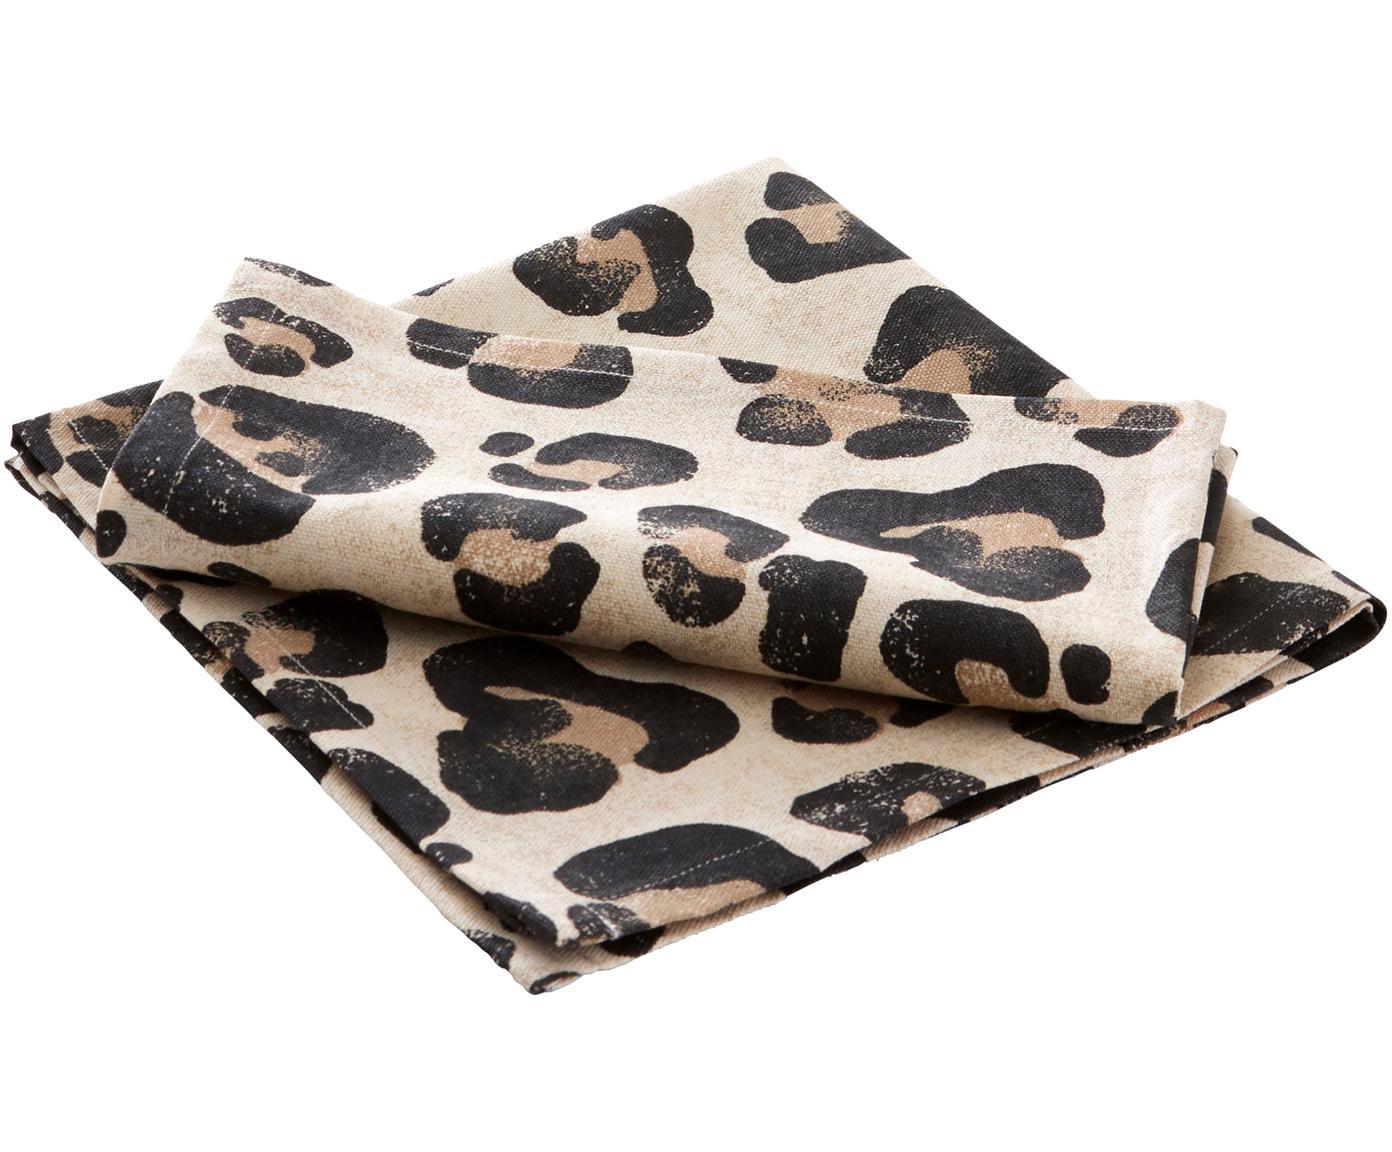 Baumwoll-Servietten Jill mit Leoparden-Print, 2 Stück, 100% Baumwolle, Beige, Schwarz, 45 x 45 cm